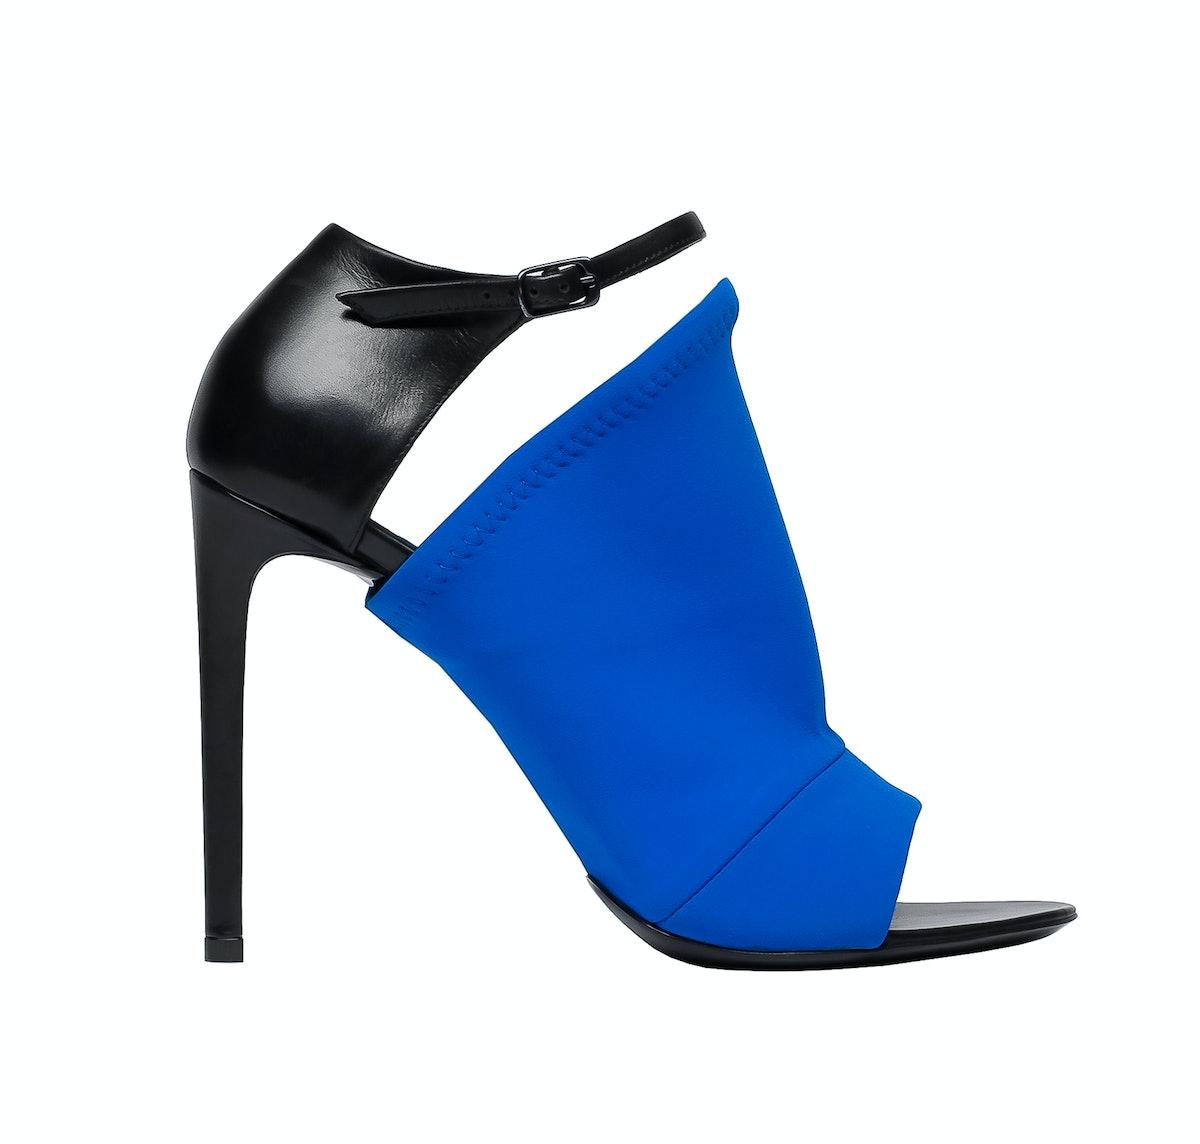 Balenciaga sandals